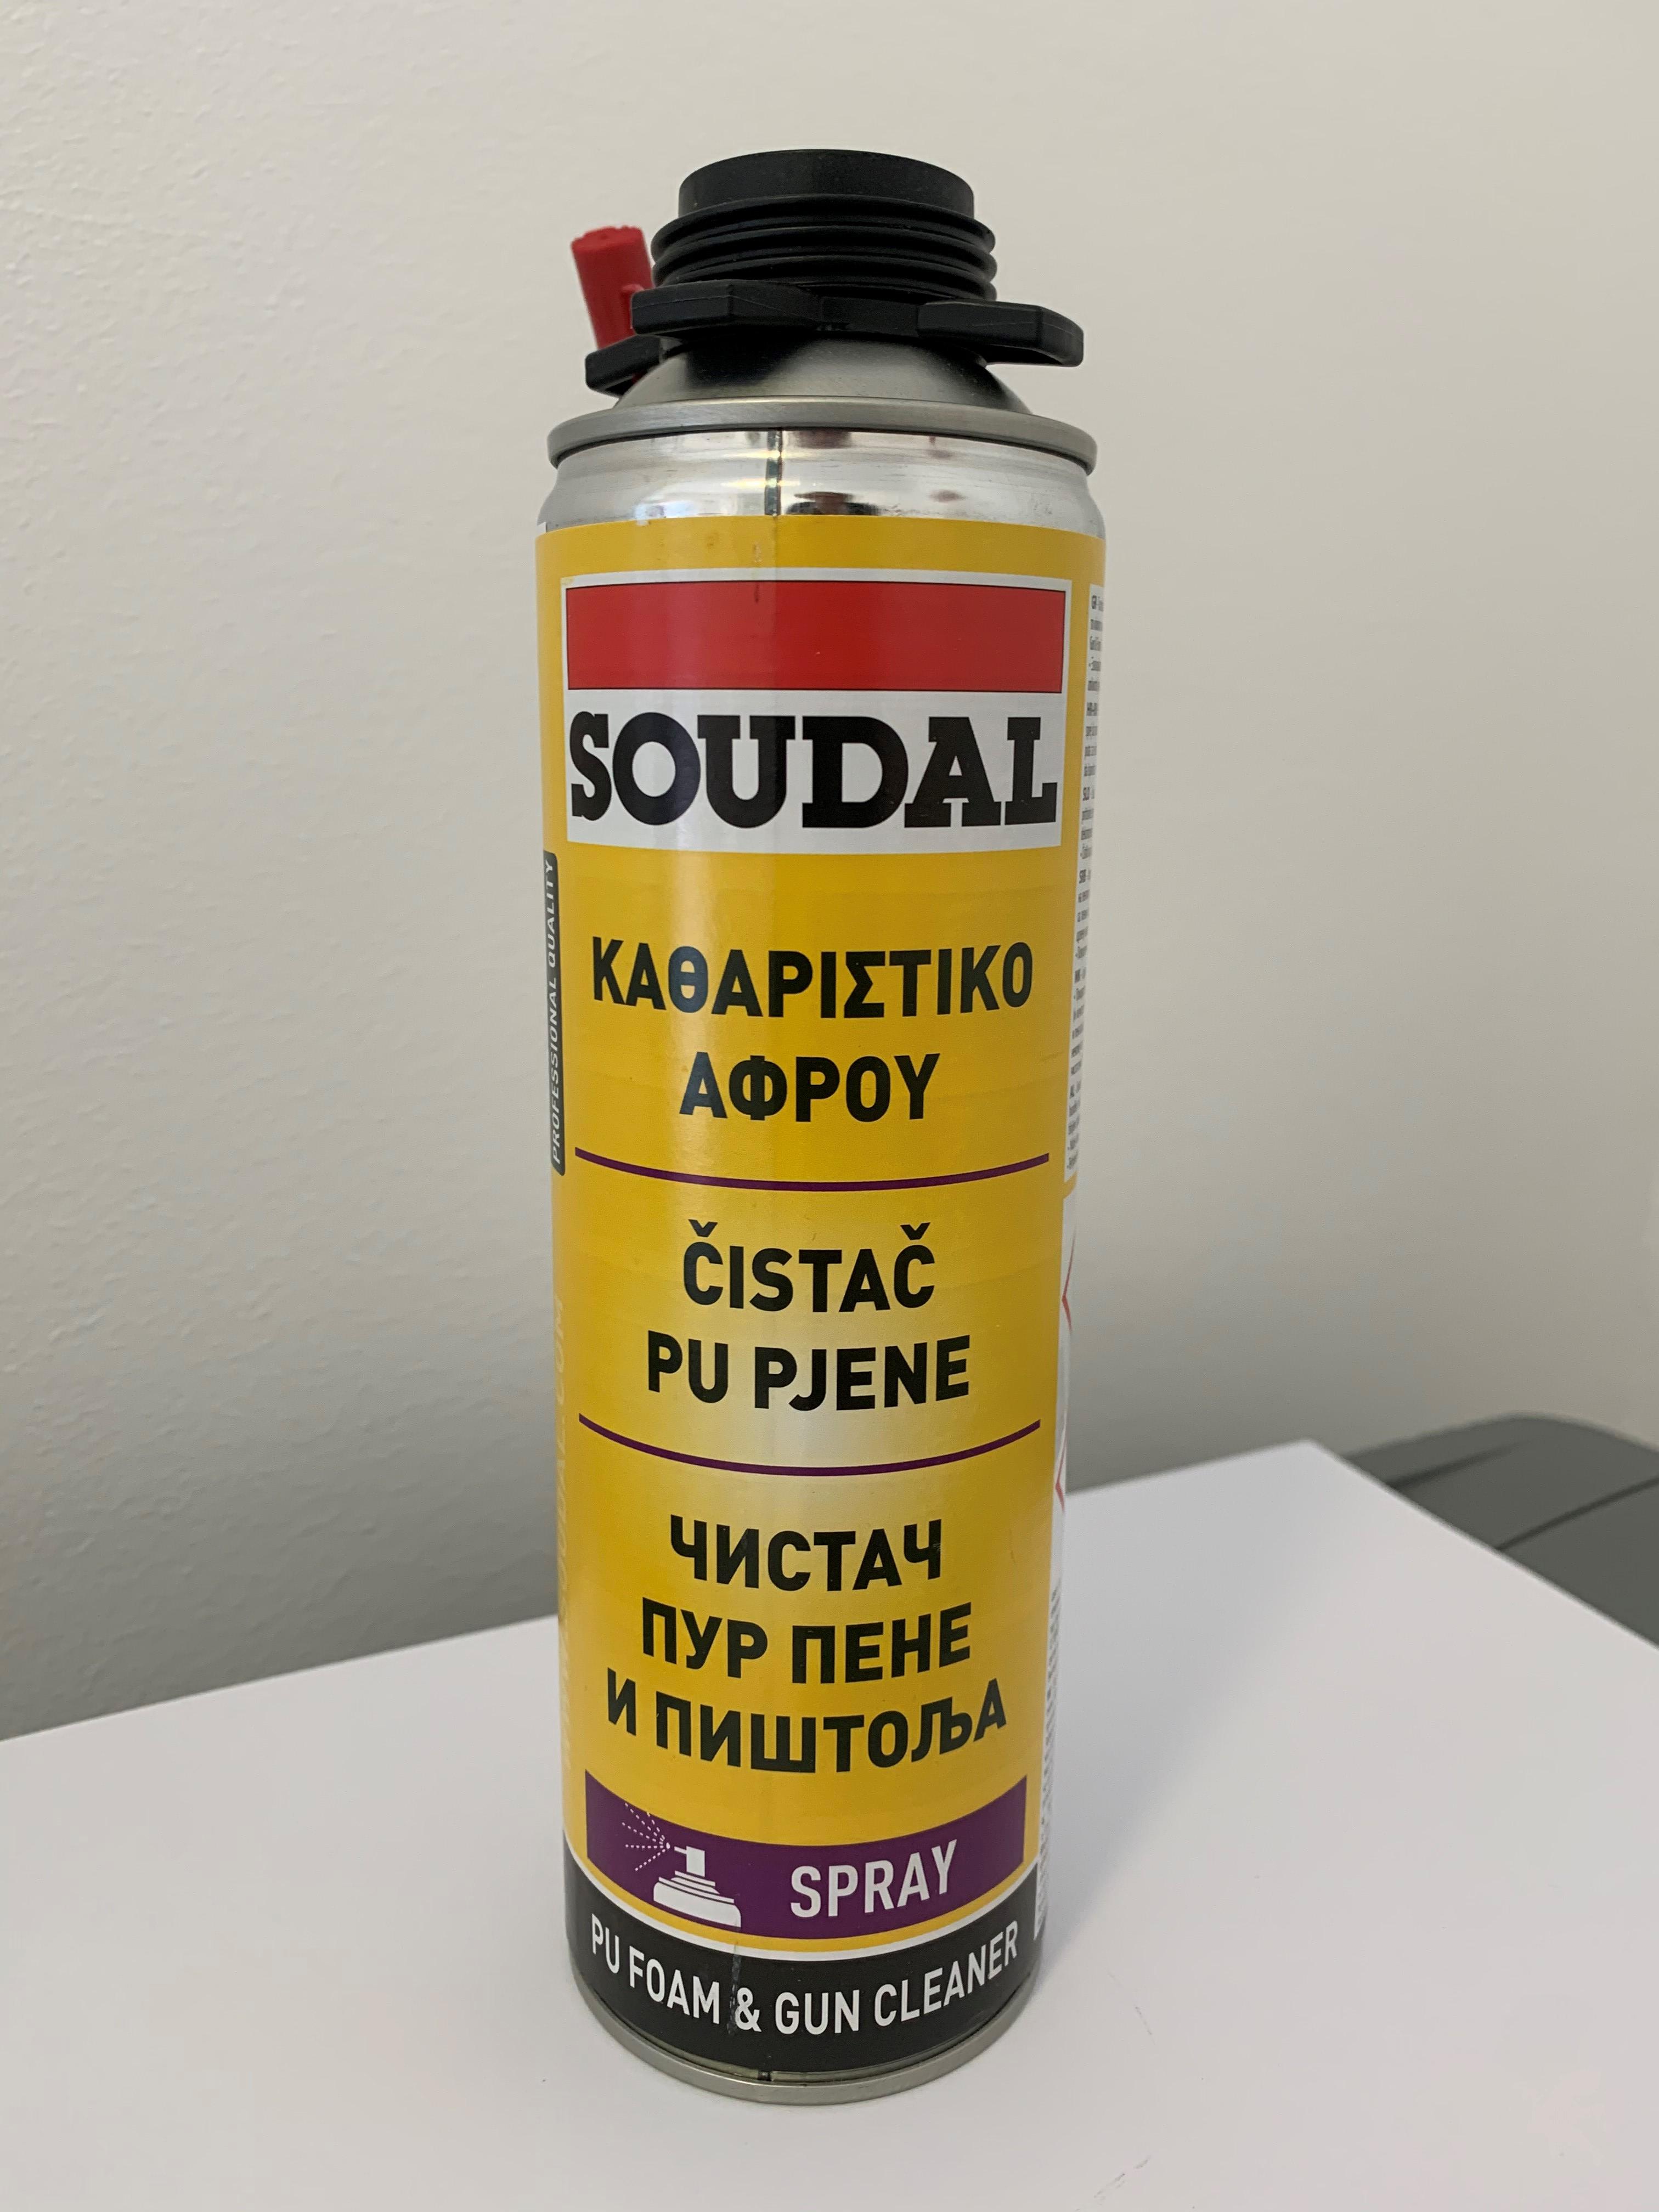 Čistač za pištolj pur pjene, 500 ml, SOUDAL